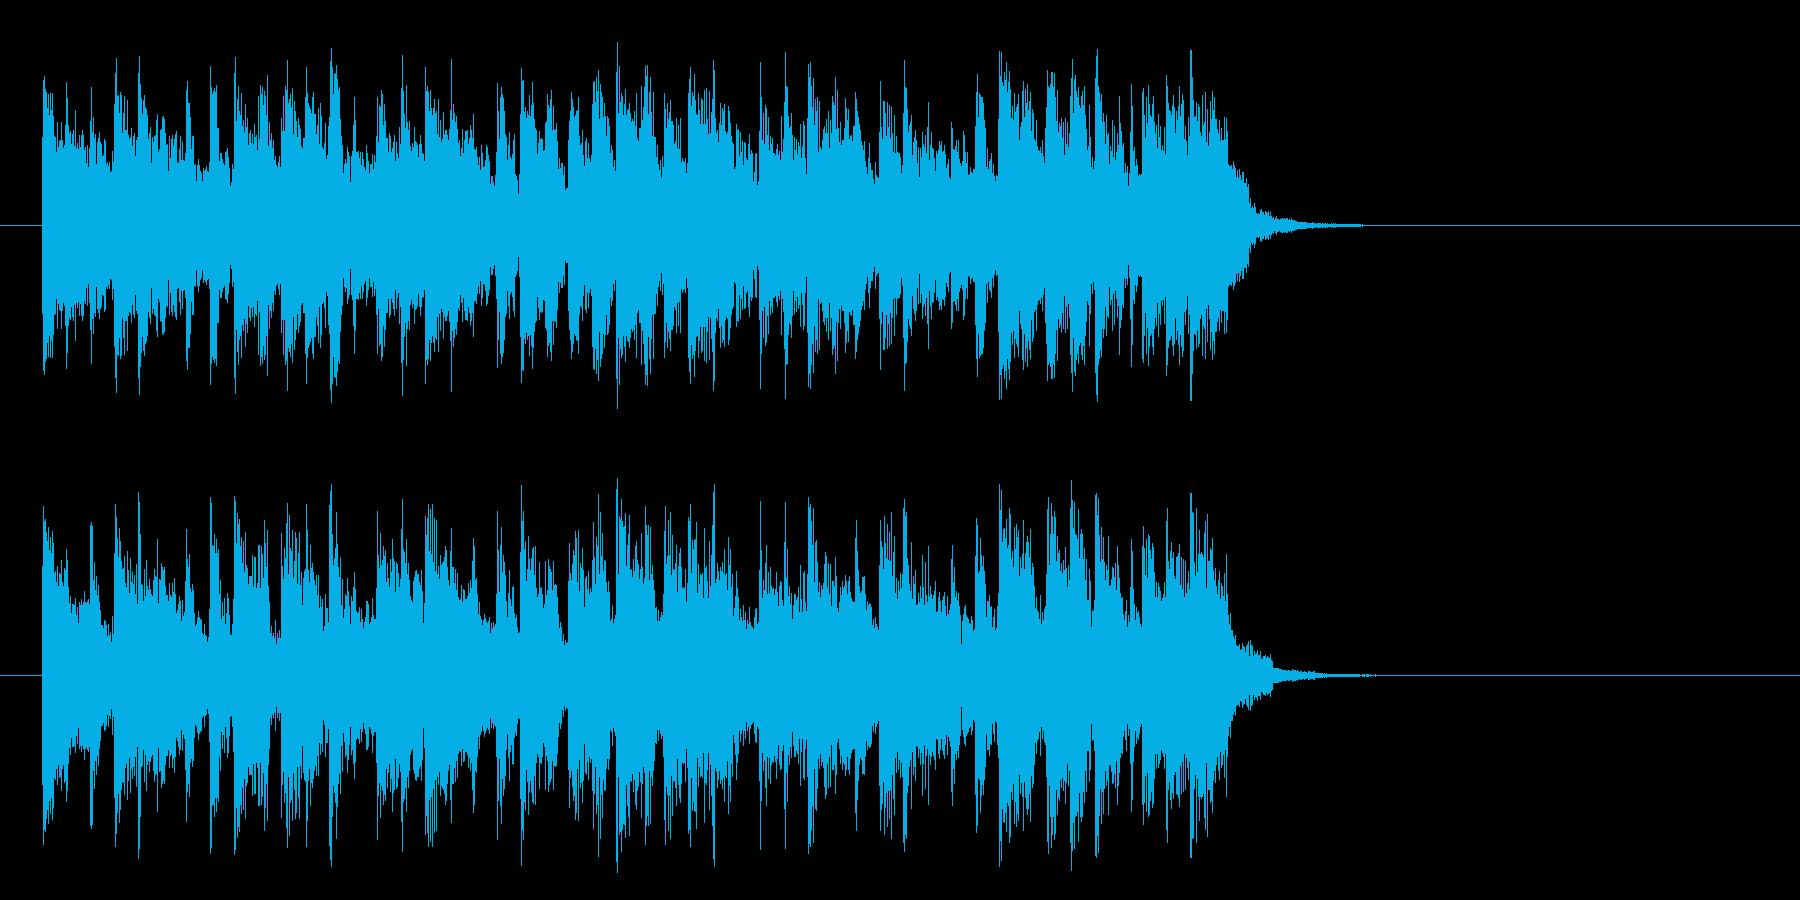 旅情漂うミディアムポップ(サビ)の再生済みの波形